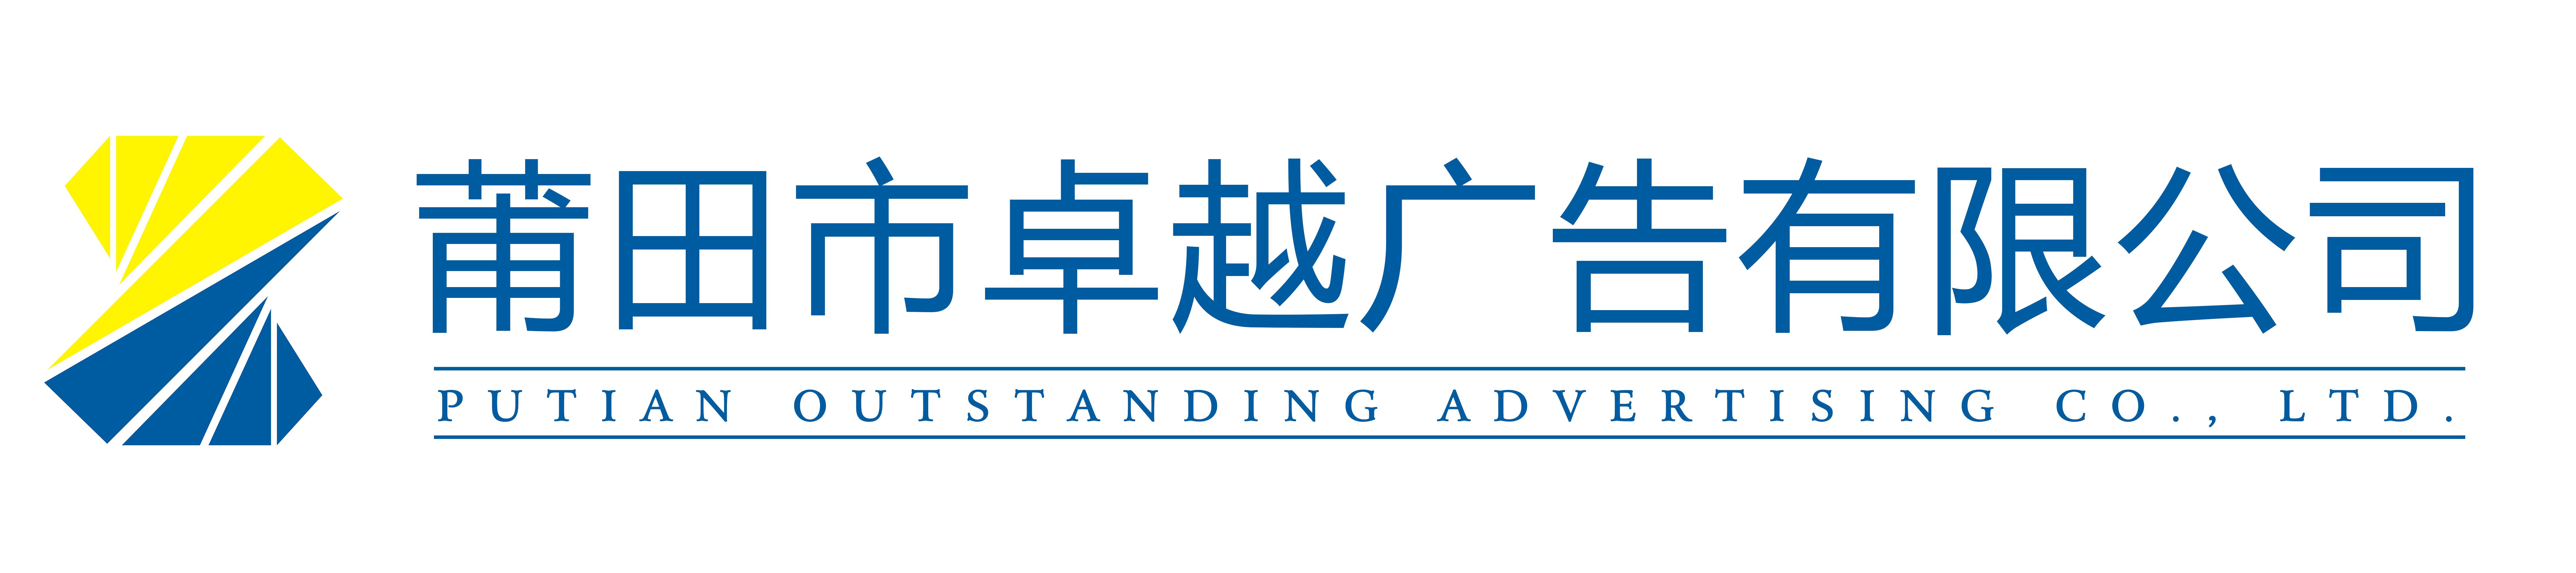 莆田市卓越廣告有限公司